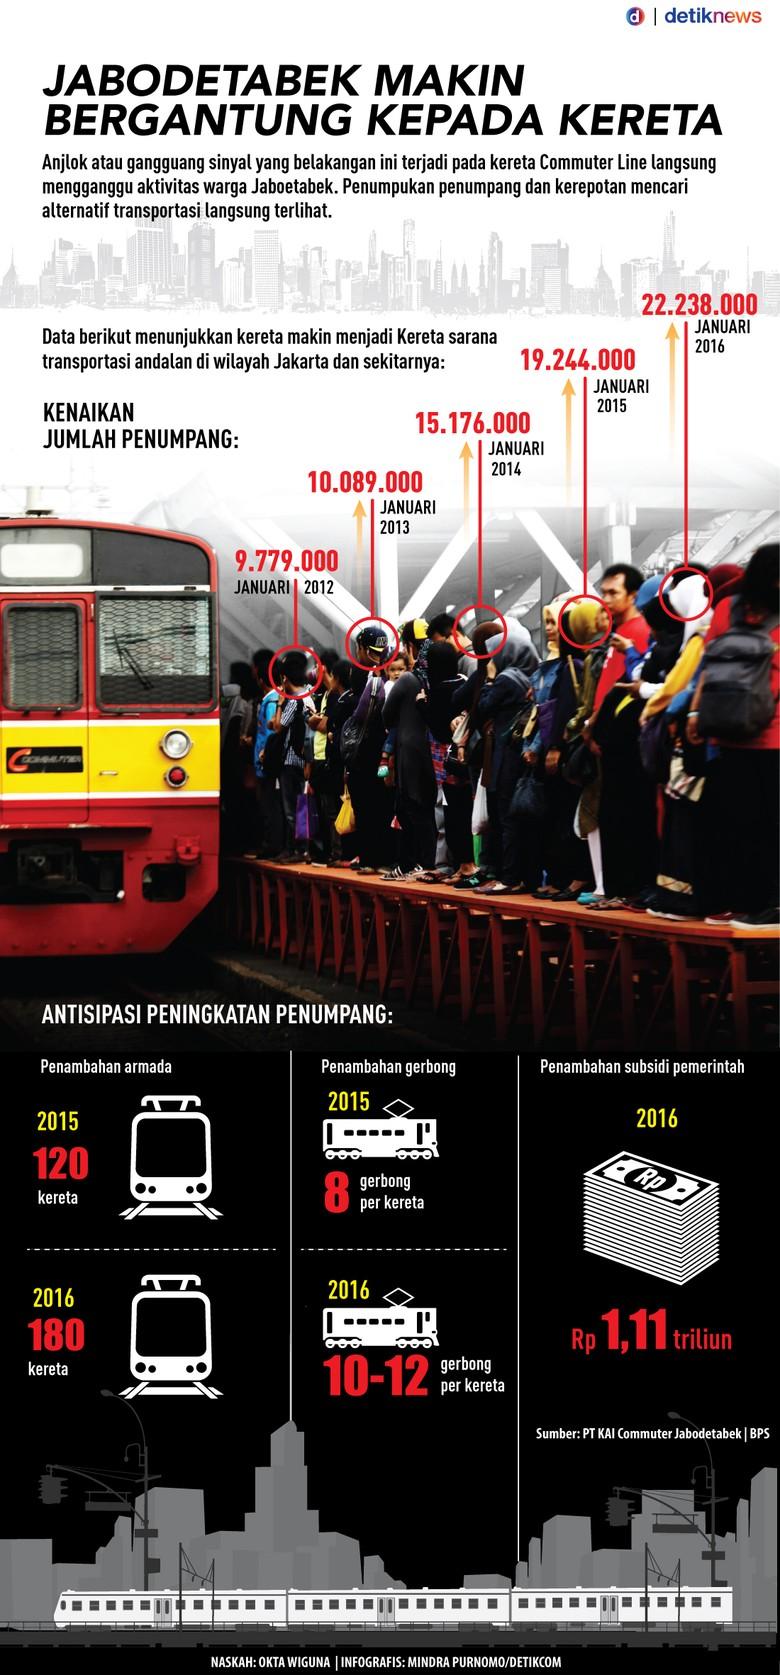 Warga Jabodetabek Makin Bergantung pada Kereta